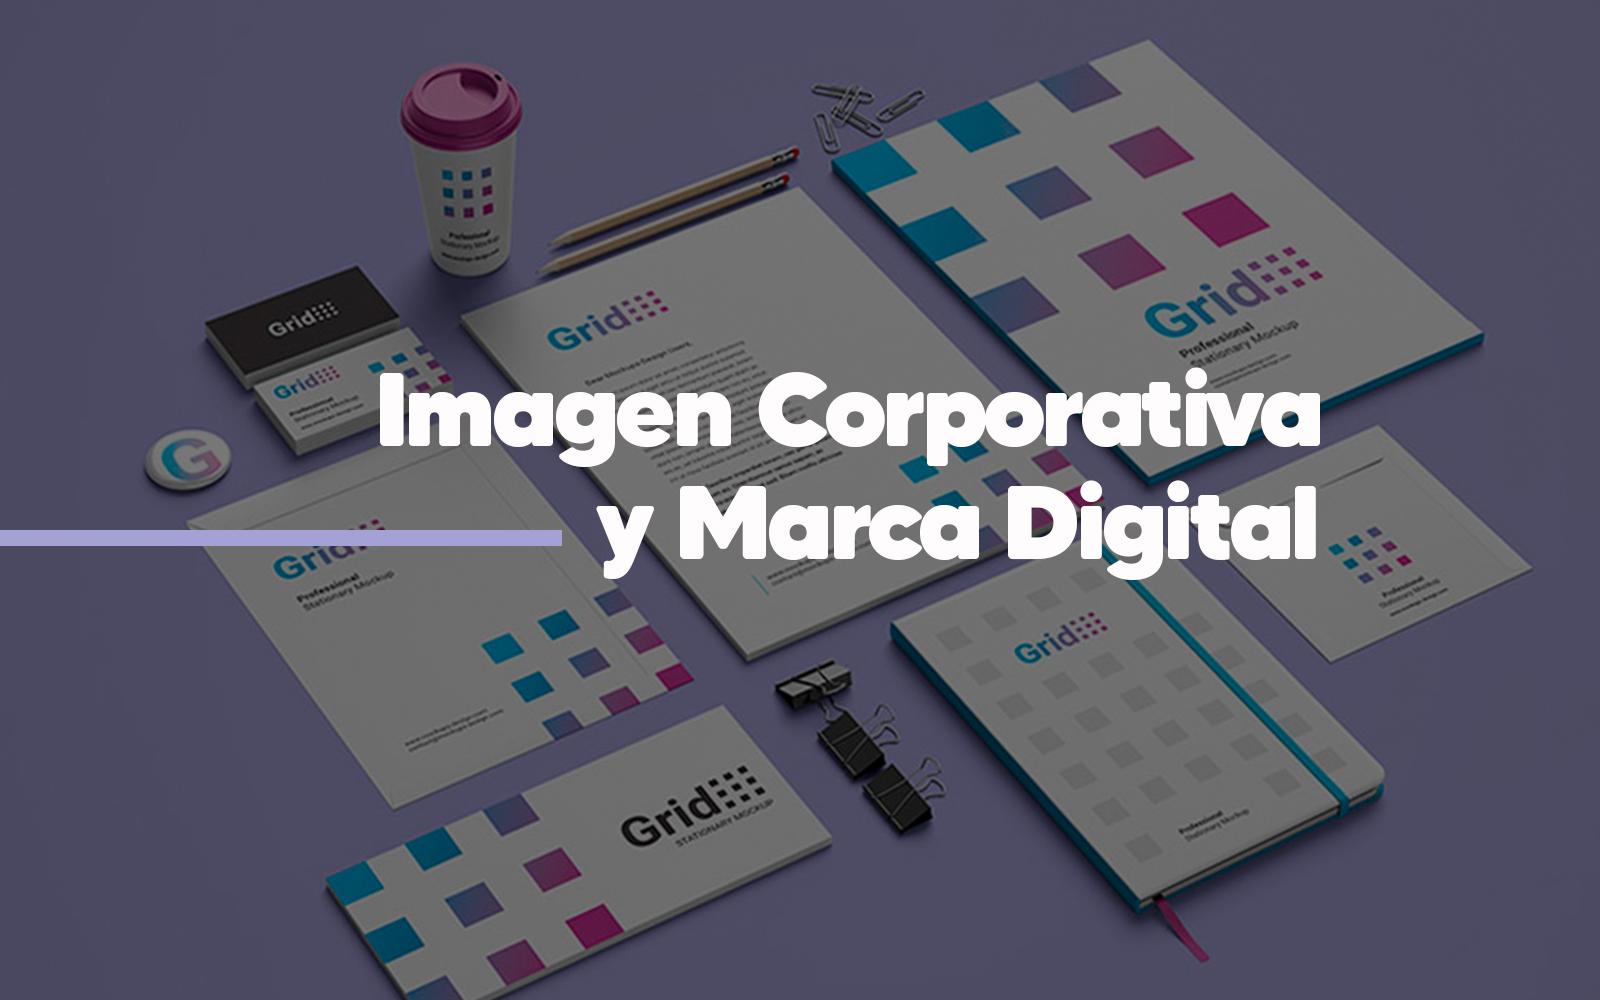 Imagen Corporativa y Marca Digital